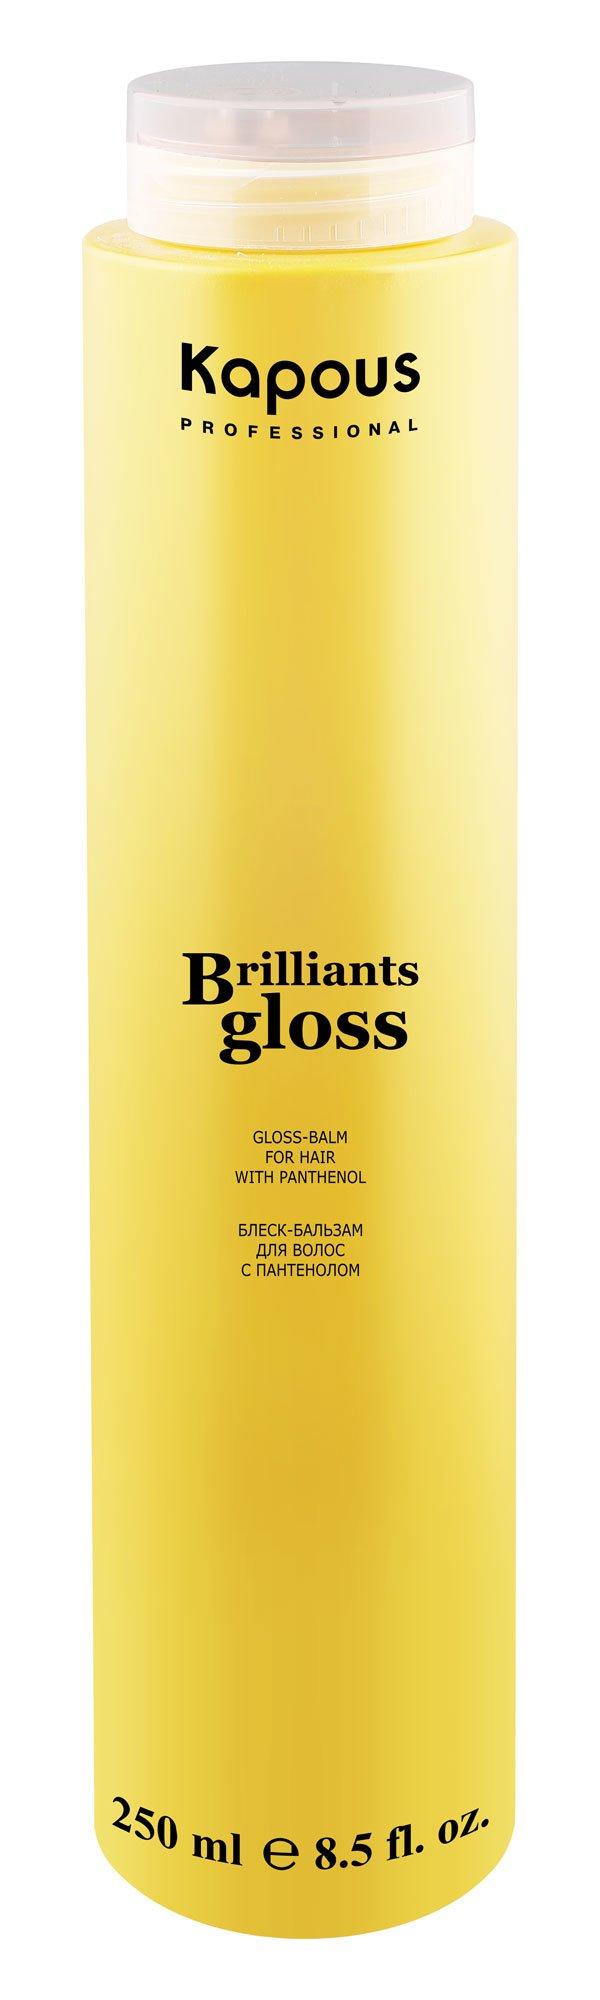 Brilliants gloss KapousKapous<br>Производство: Италия Легкая кремовая текстура блеска-бальзама питает волосы и возвращает им упругость и здоровый, ухоженный вид.&amp;nbsp;Бальзам усиливает действие блеска-шампуня серии &amp;laquo;Brilliants gloss&amp;raquo; и предназначен для ежедневного использования.<br>Благодаря комбинации косметических масел и активных аминокислот бальзам эффективно восстанавливает тусклые, ослабленные волосы.&amp;nbsp;Пантенол проникает внутрь волоса, заполняя собой все повреждения и микротрещинки, разглаживает и увлажняет, волосы становятся гладкими, блестящими и эластичными, а кончики меньше секутся.<br>Бальзам питает и успокаивает кожу головы, уменьшает выпадение волос, предотвращает появление перхоти.<br>Способ применения: после использования шампуня &amp;laquo;Brilliants gloss&amp;raquo; нанести на влажные волосы блеск-бальзам, равномерно распределив по волосам. Оставить на 3 - 5 минуты и тщательно смыть. Подходит для частого использования.<br><br>Линейка: Brilliants gloss Kapous<br>Объем мл: 250<br>Пол: Женский